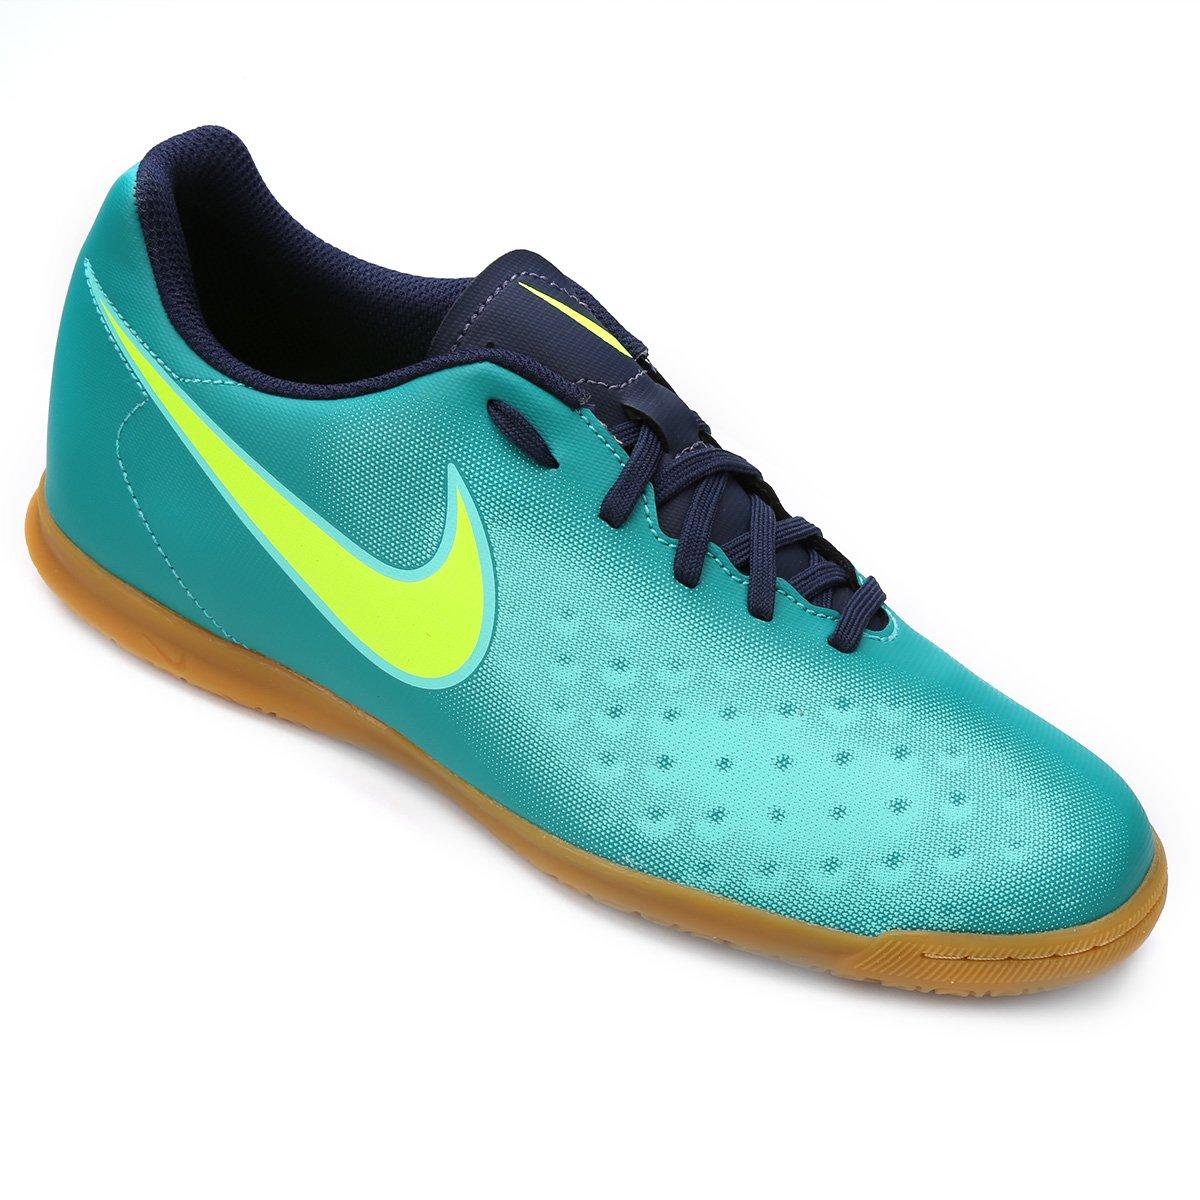 2a7457f26c Chuteira Futsal Nike Magista Ola II IC - Compre Agora